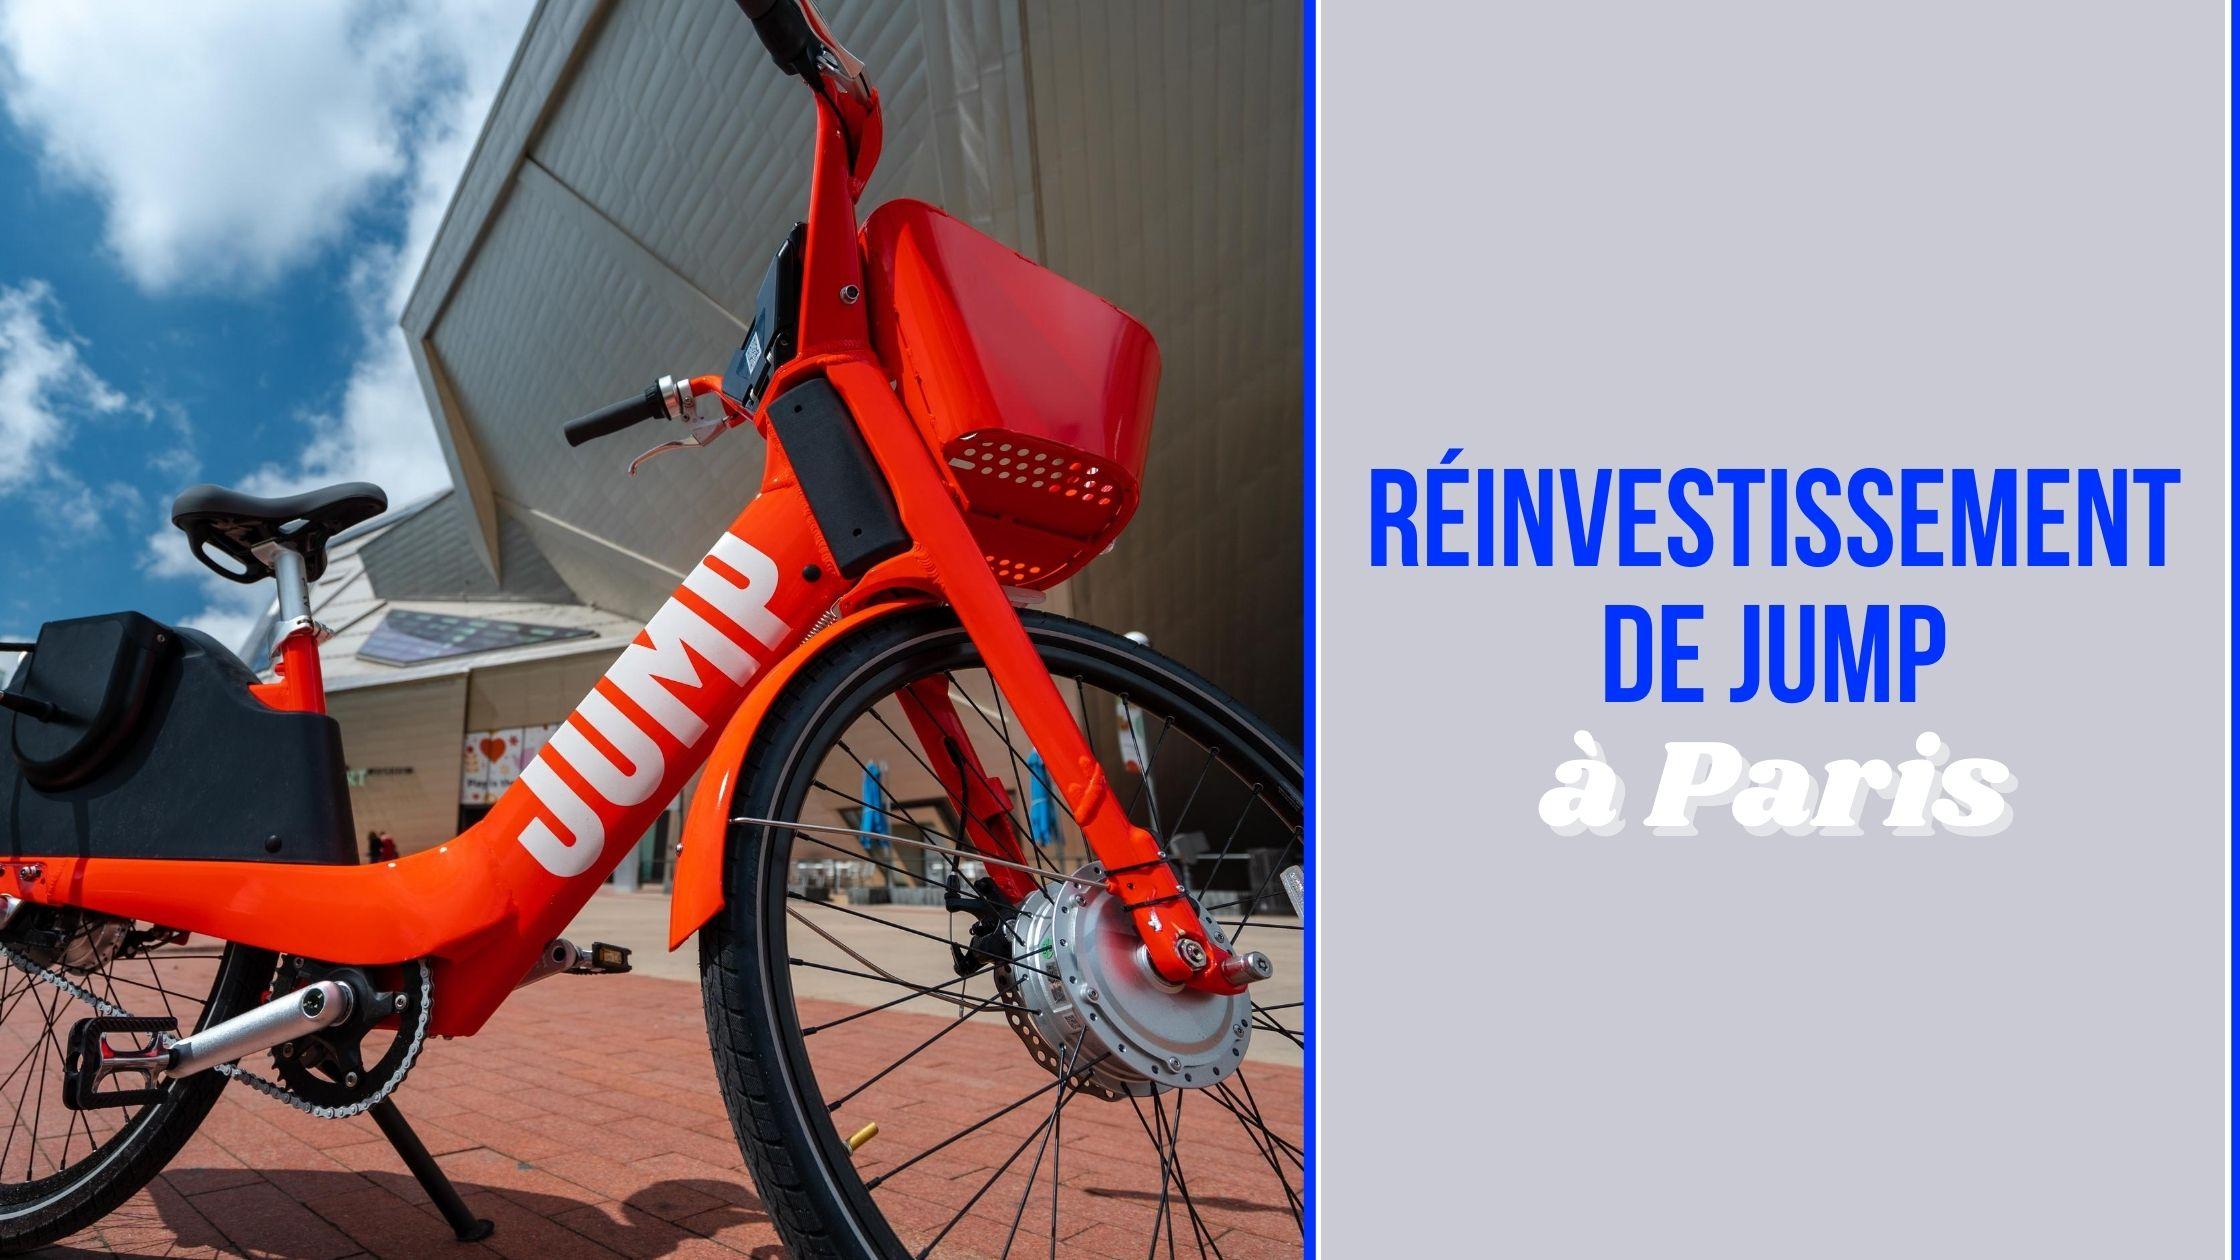 Les vélos électriques JUMP roulent à nouveau dans la capitale